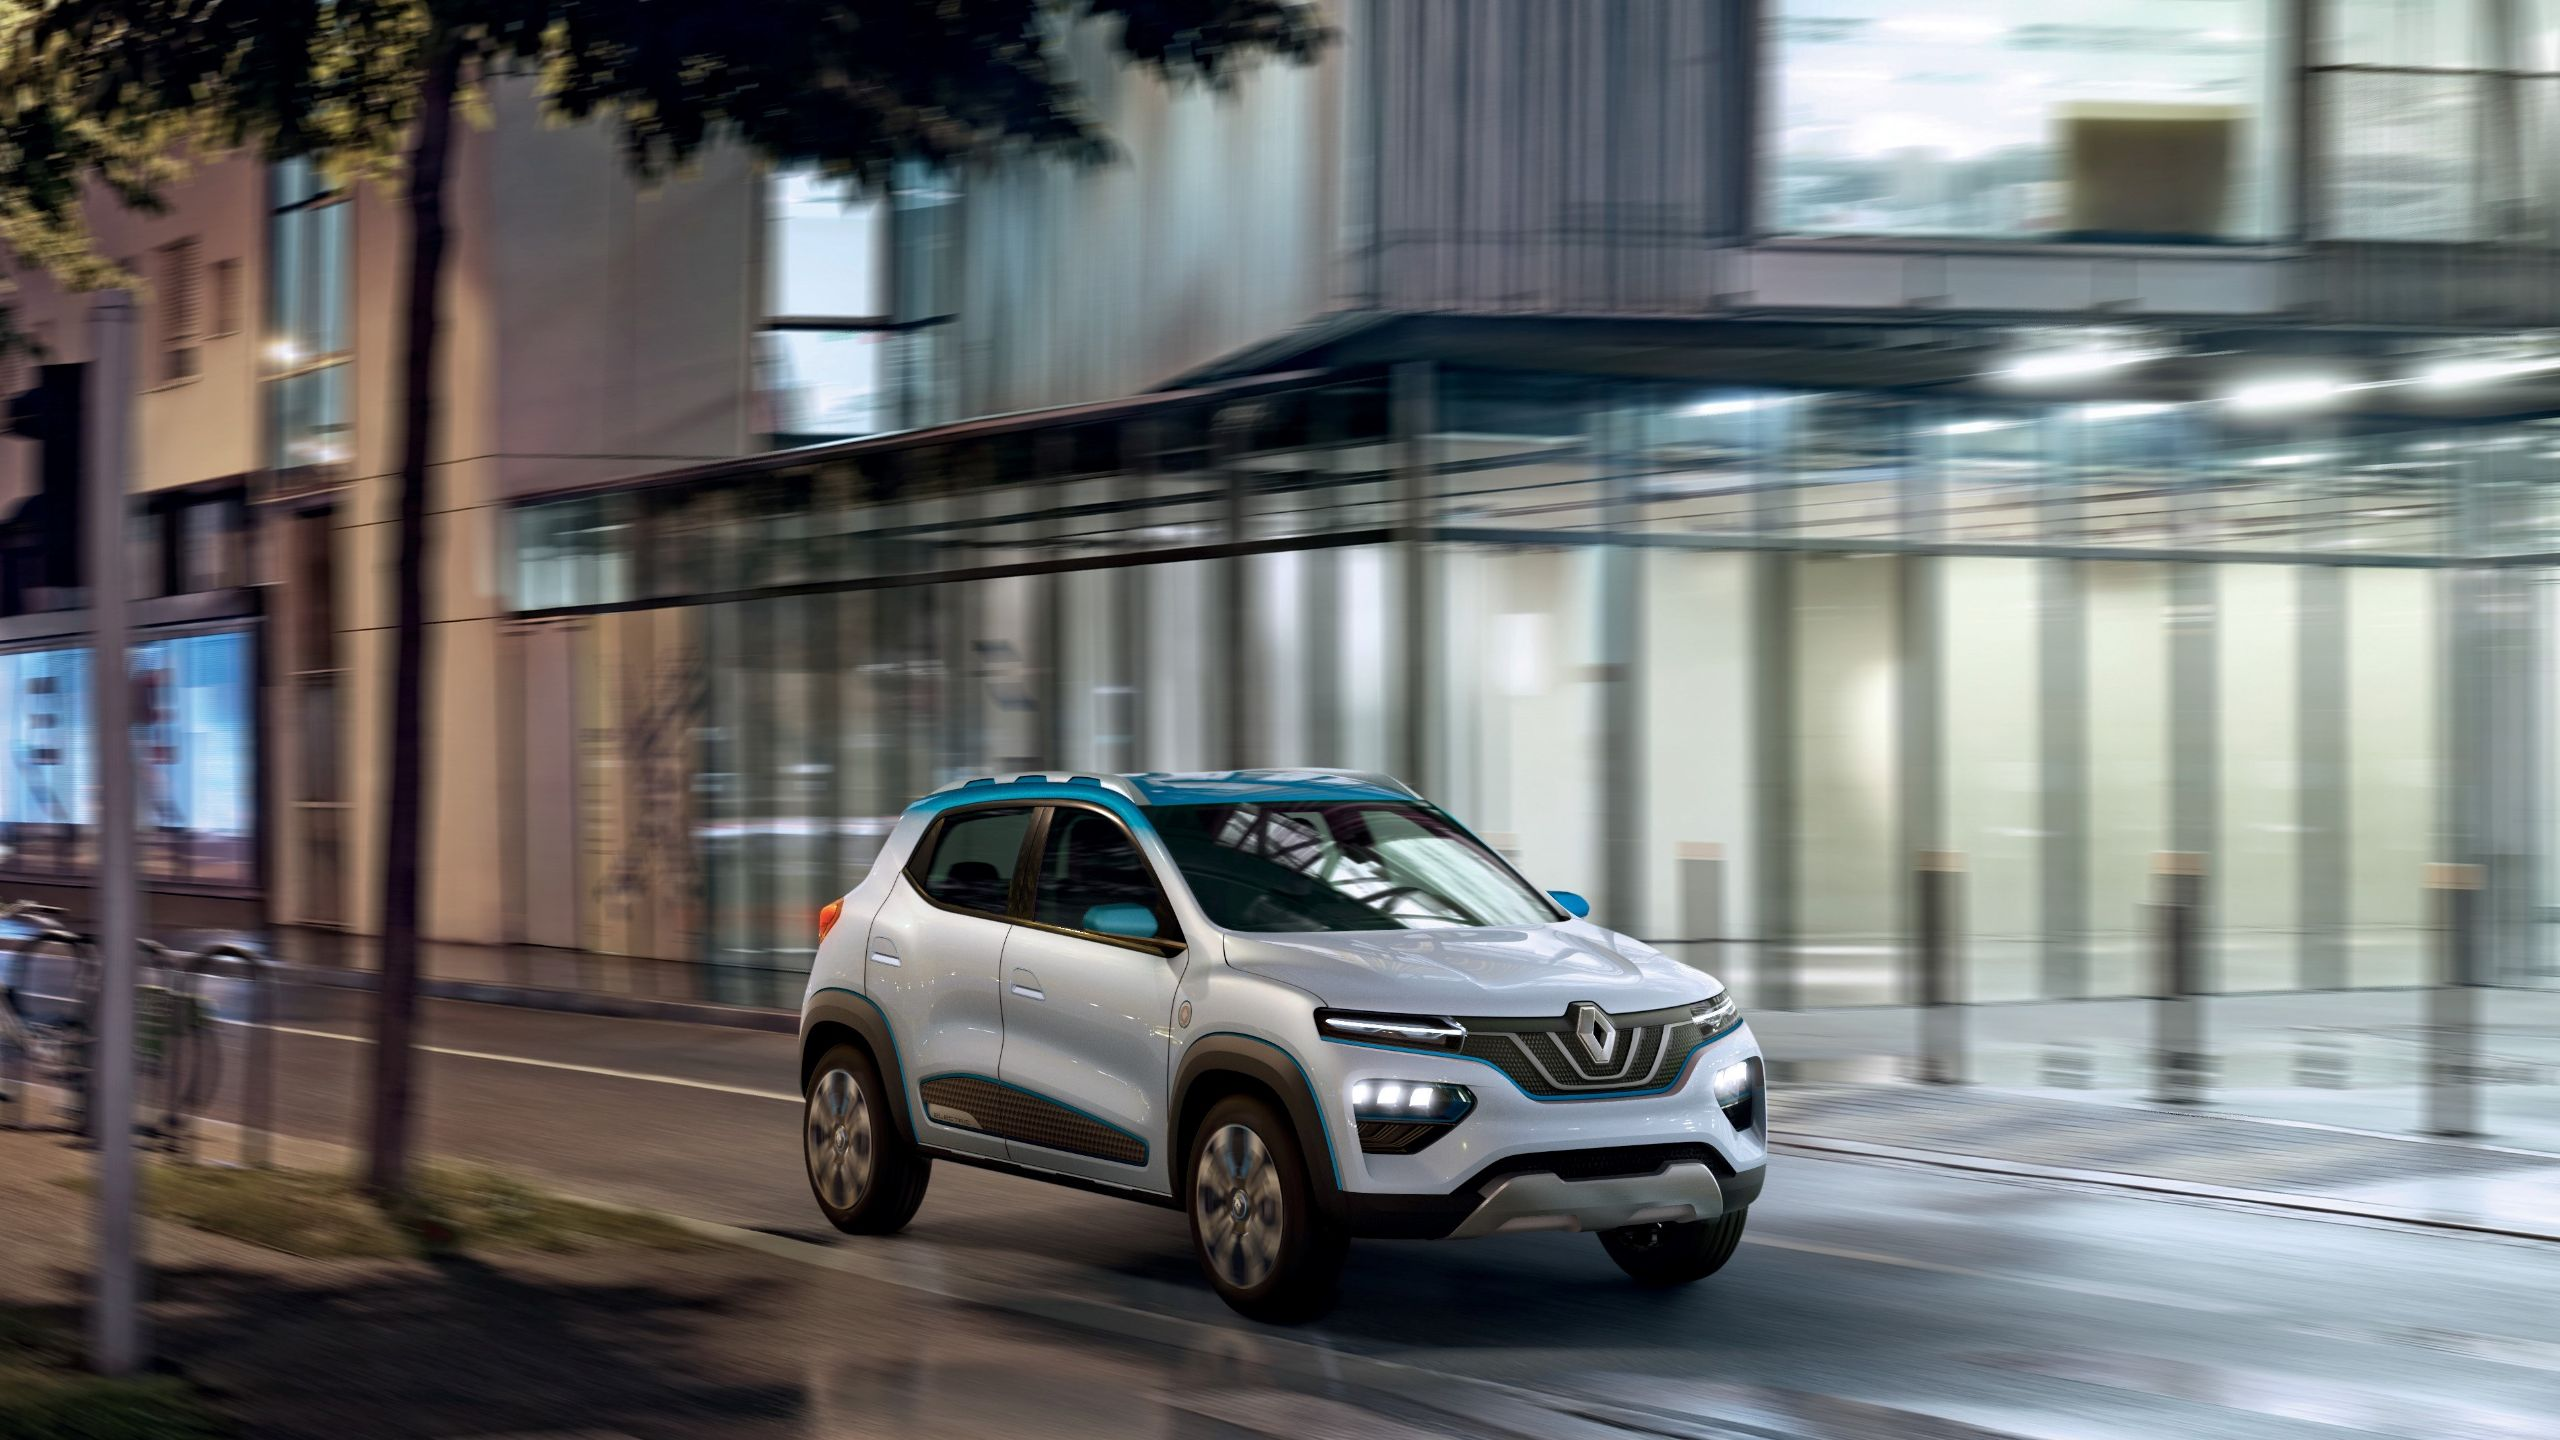 Kwid elétrico será fabricado em breve na China. Renault apresenterá 9 modelos elétricos na China e versões híbridas do Clio, Captur e Mégane na Europa.